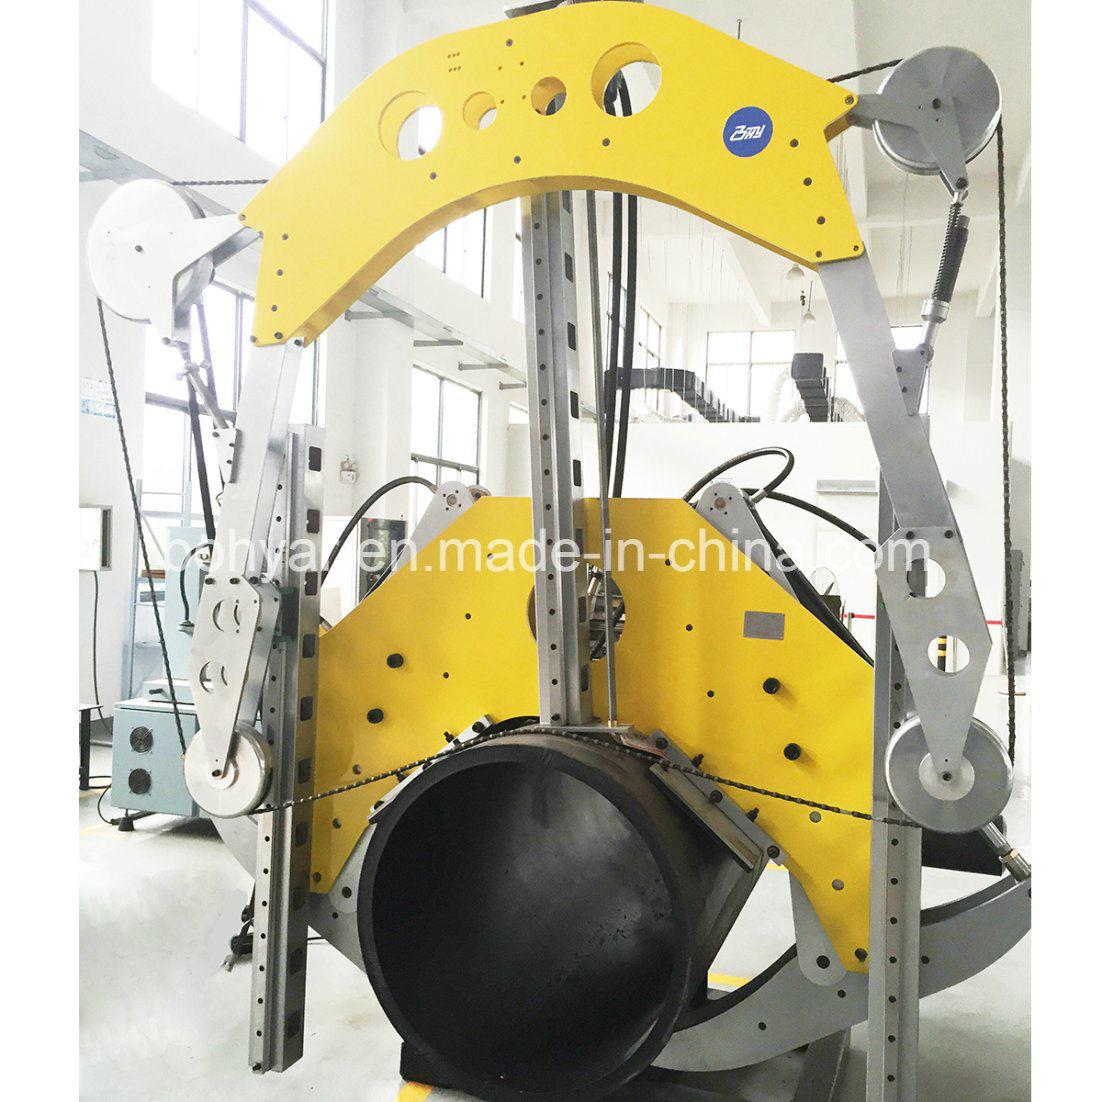 Hydraulic Diamond Wire Saw/Pipe Cutting Machine (DWS3052)